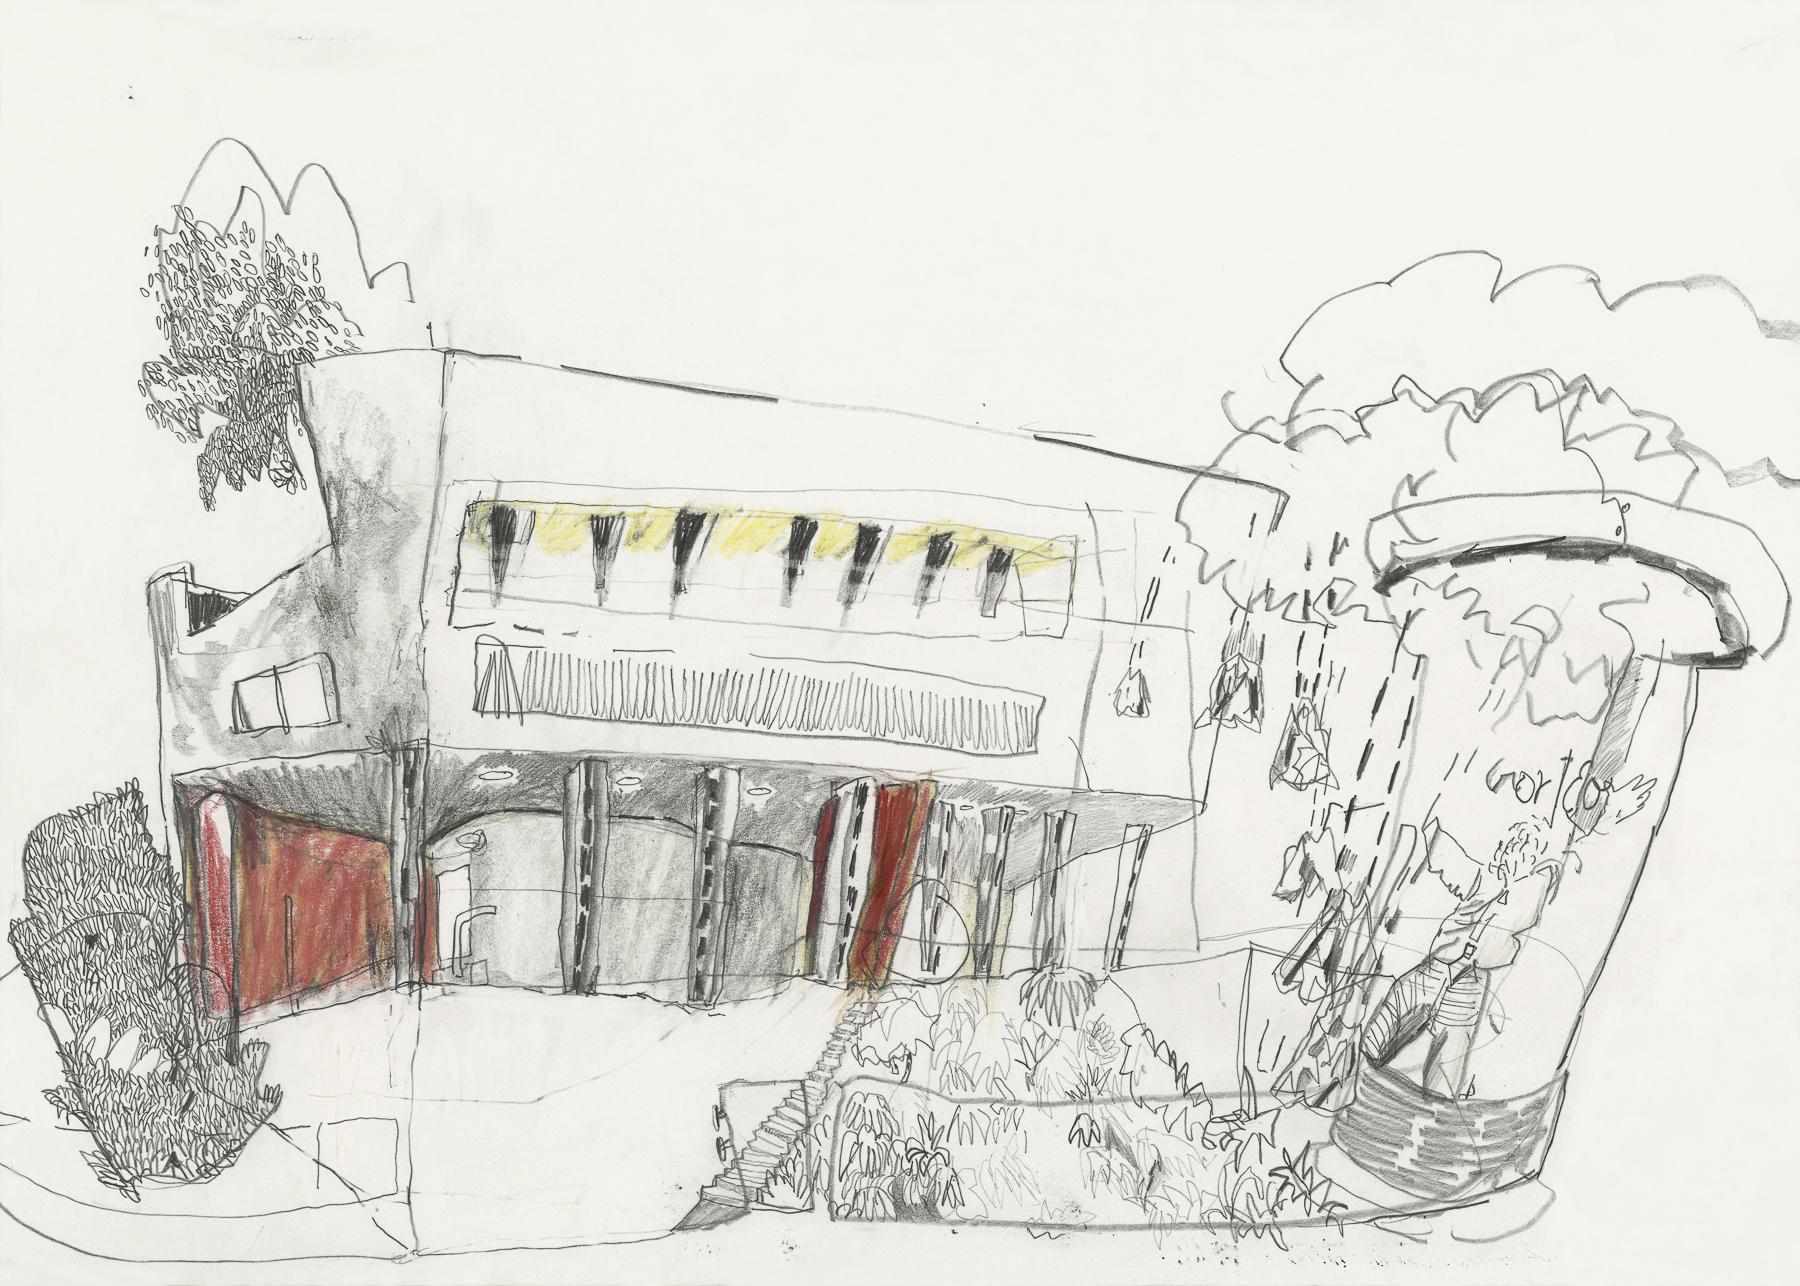 Haus Le Corbusier, Graphit und Farbstift auf Papier, 40 x 32 cm, 2019